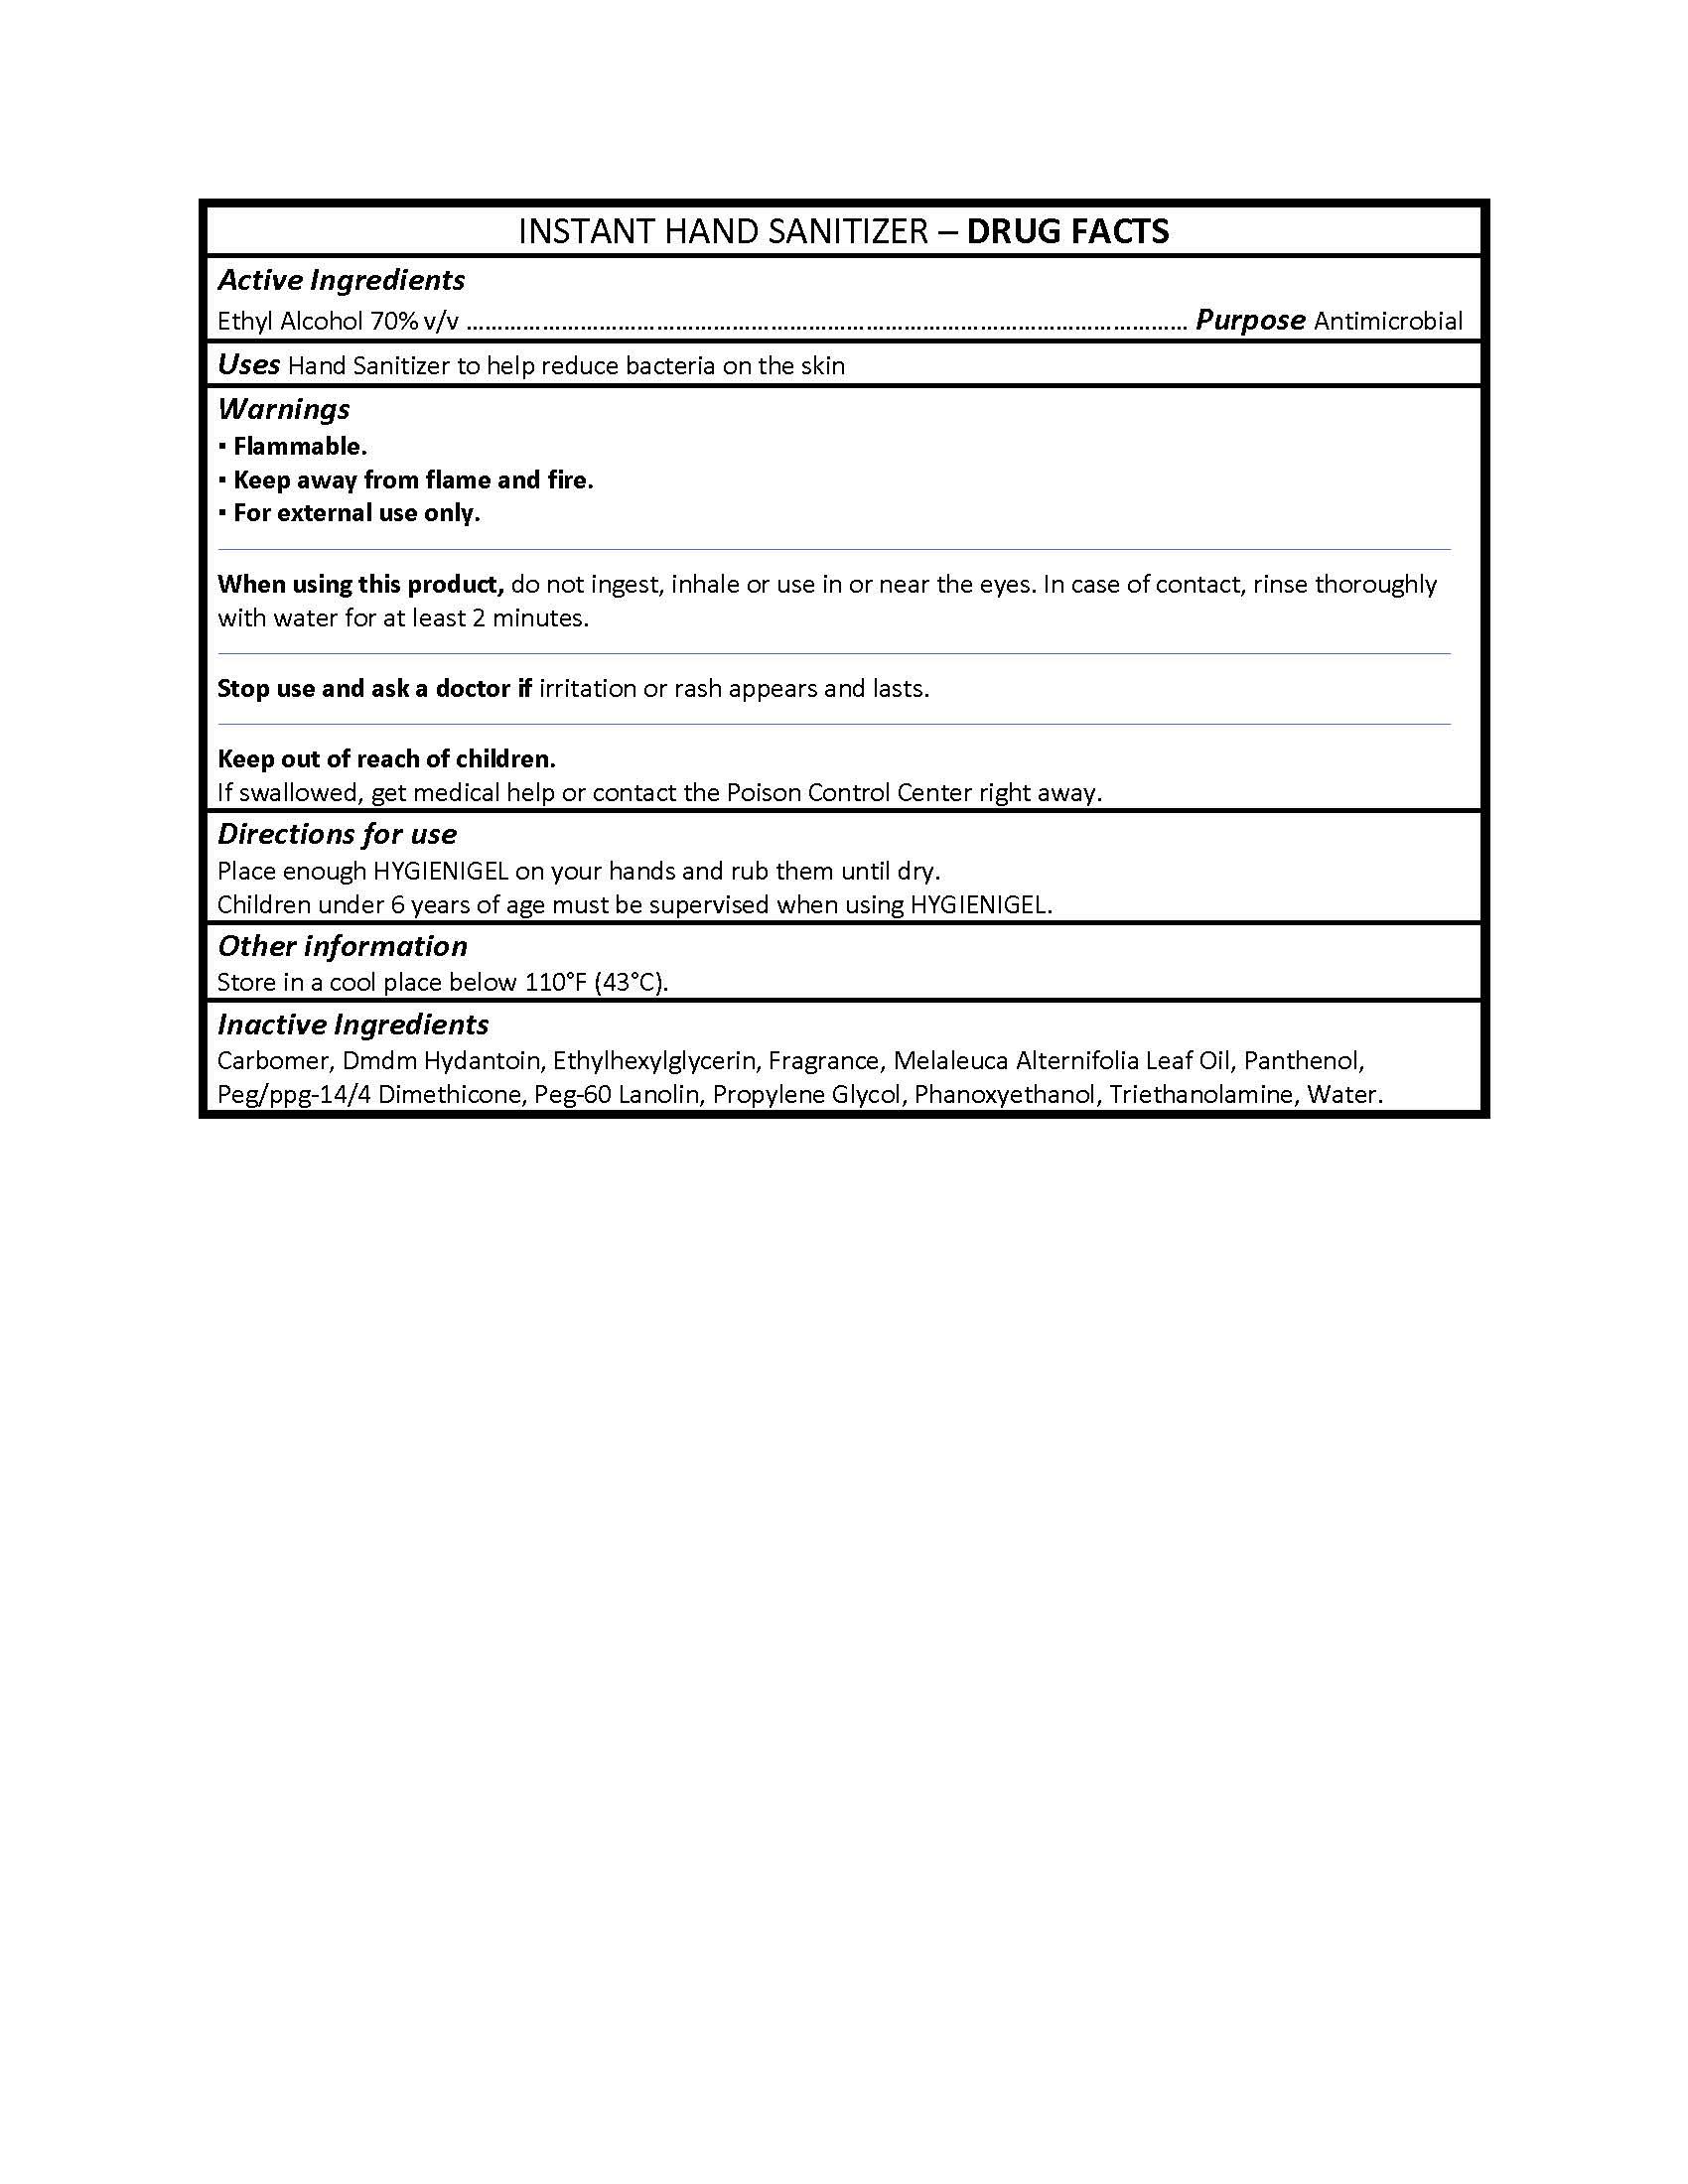 OTC Active Ingredient